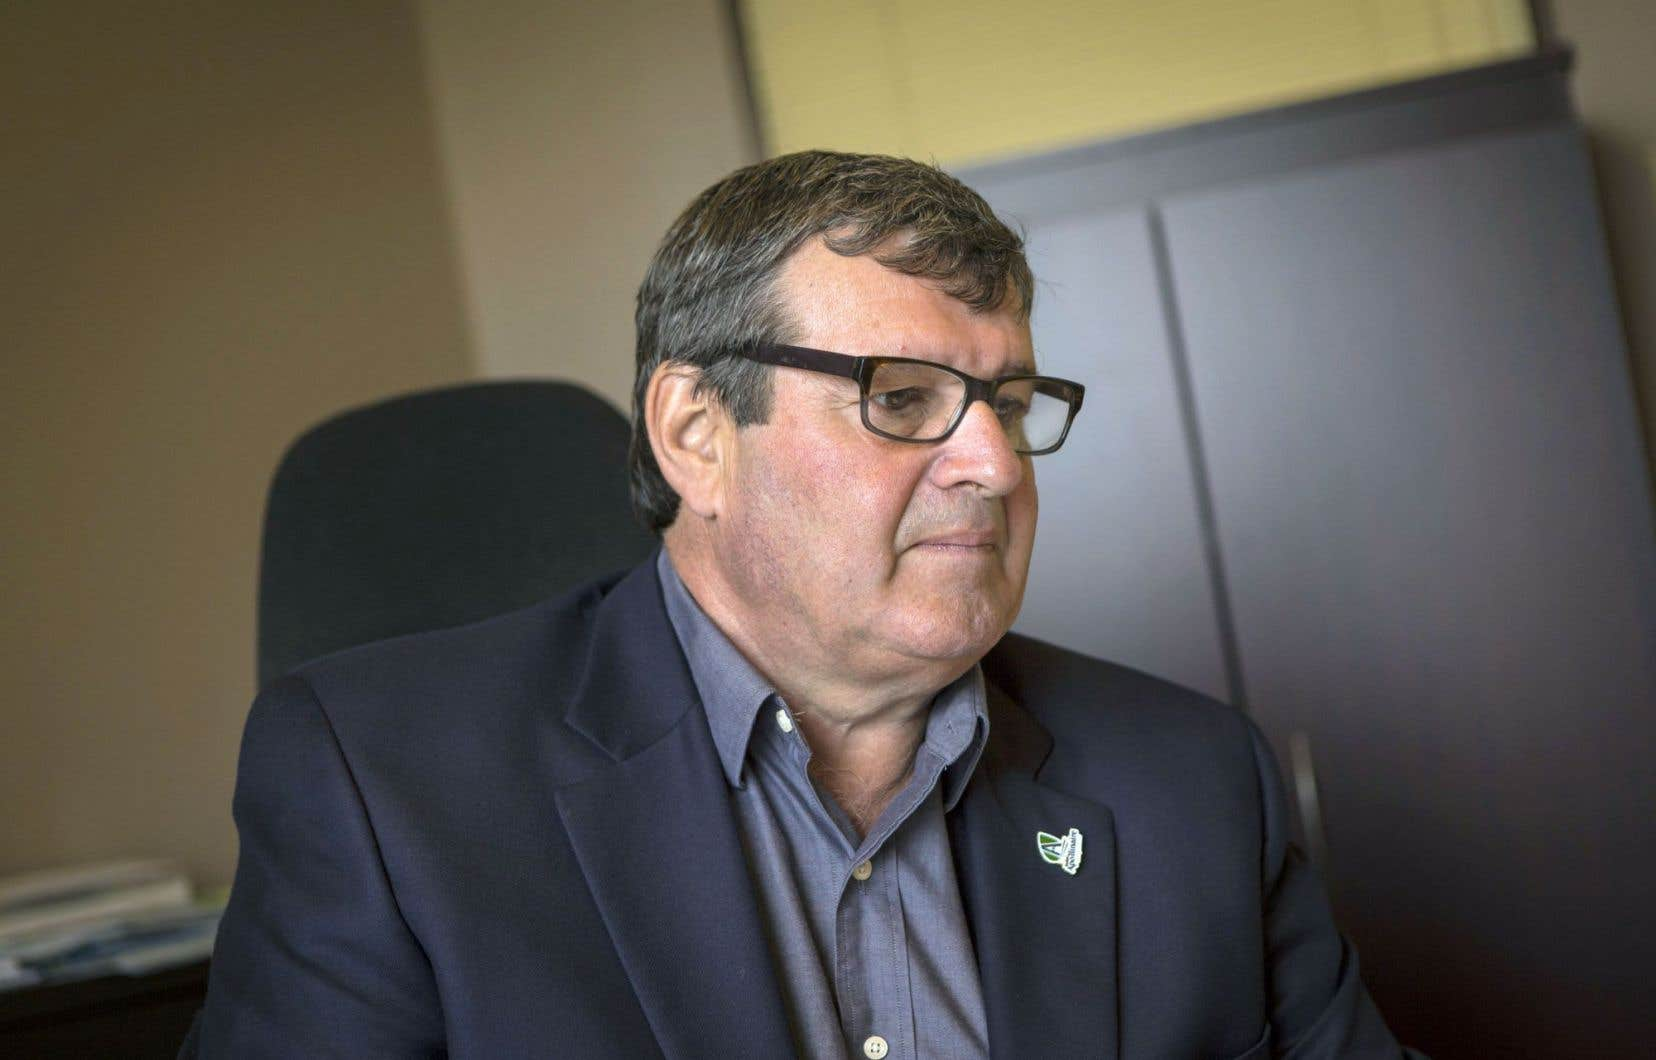 Le maire Bernard Ouellet craint que le projet soit refusé par les citoyens dimanche.